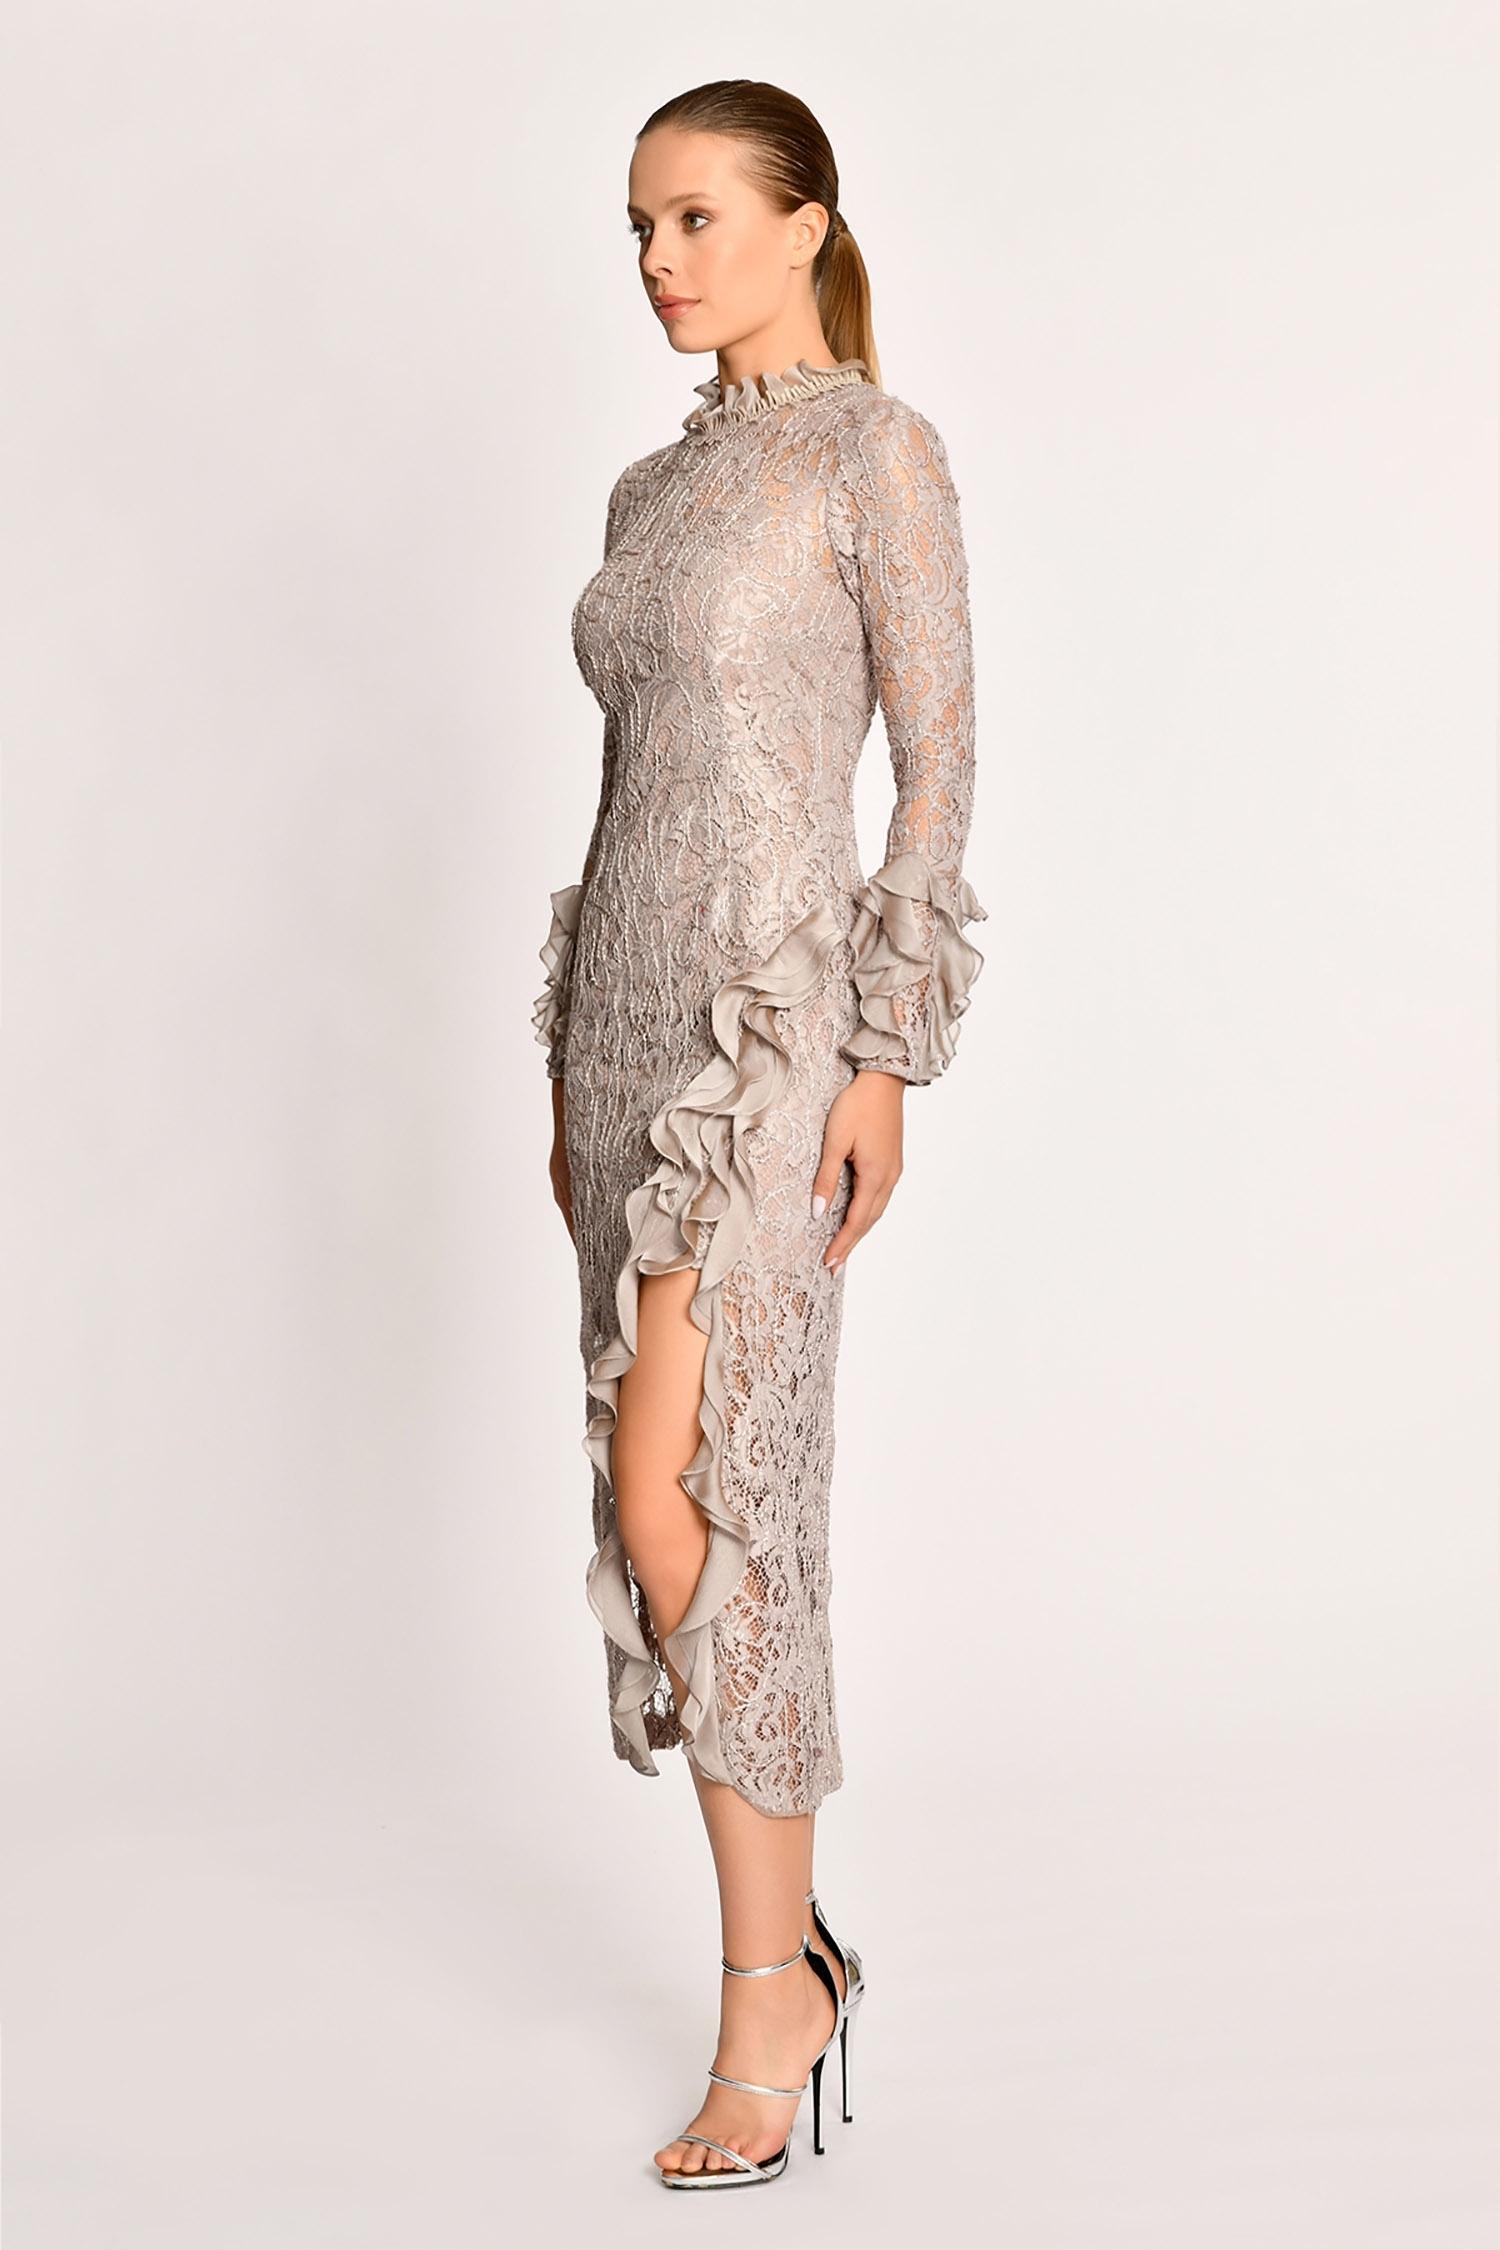 Bej Dantel İşlemeli Uzun Kollu Yırtmaçlı Midi Boy Elbise - Thumbnail